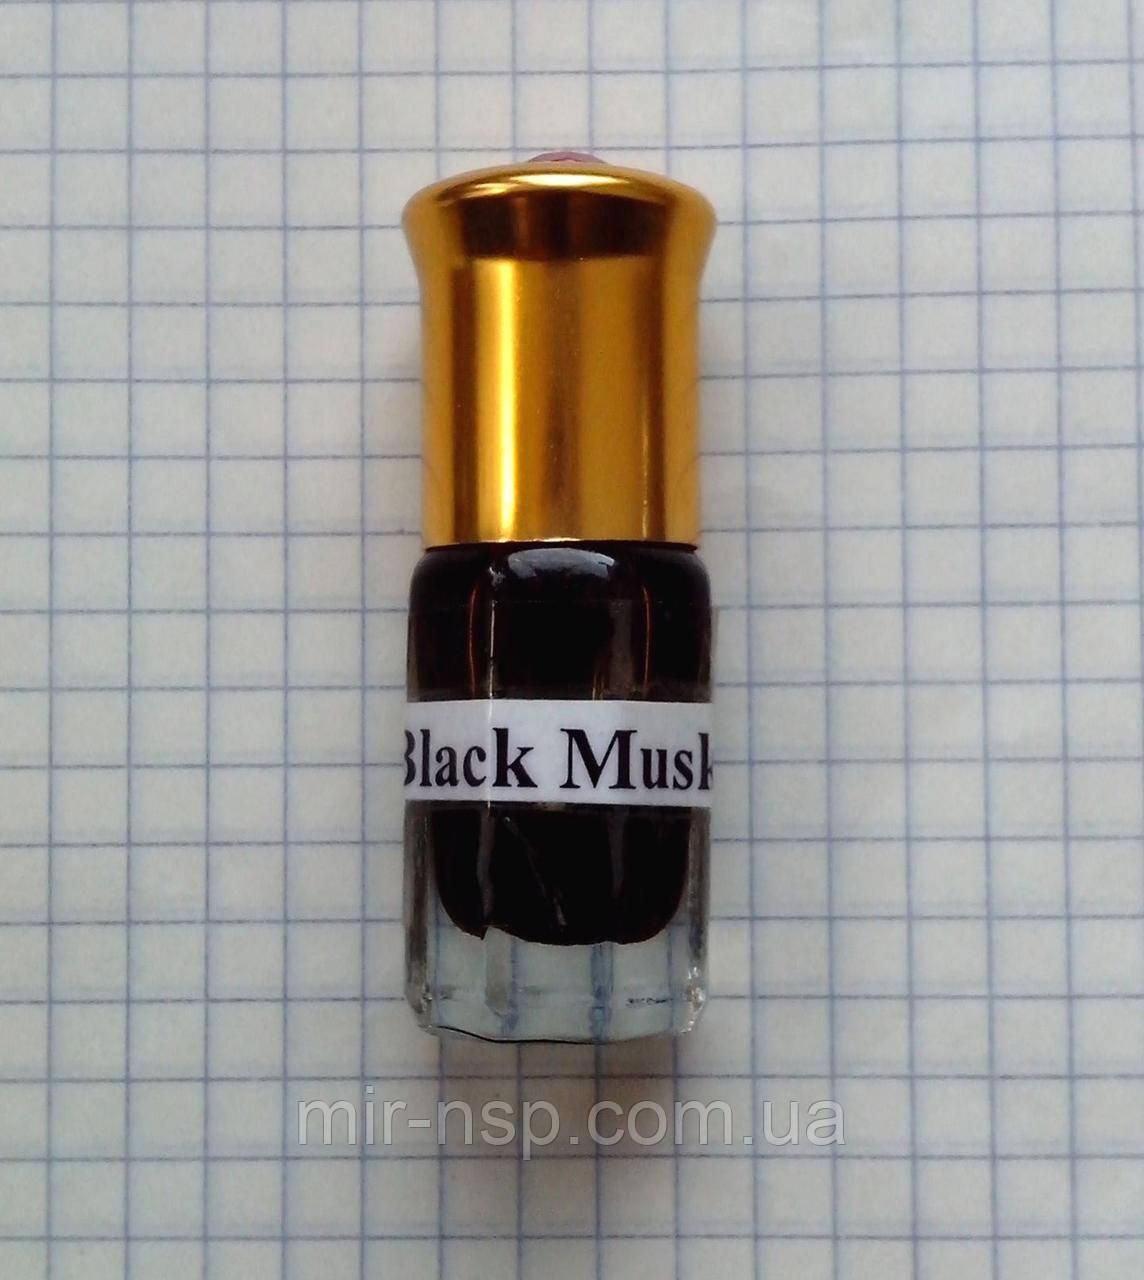 Black Musk (Натуральний Чорний Мускус кабарги) 3 мл